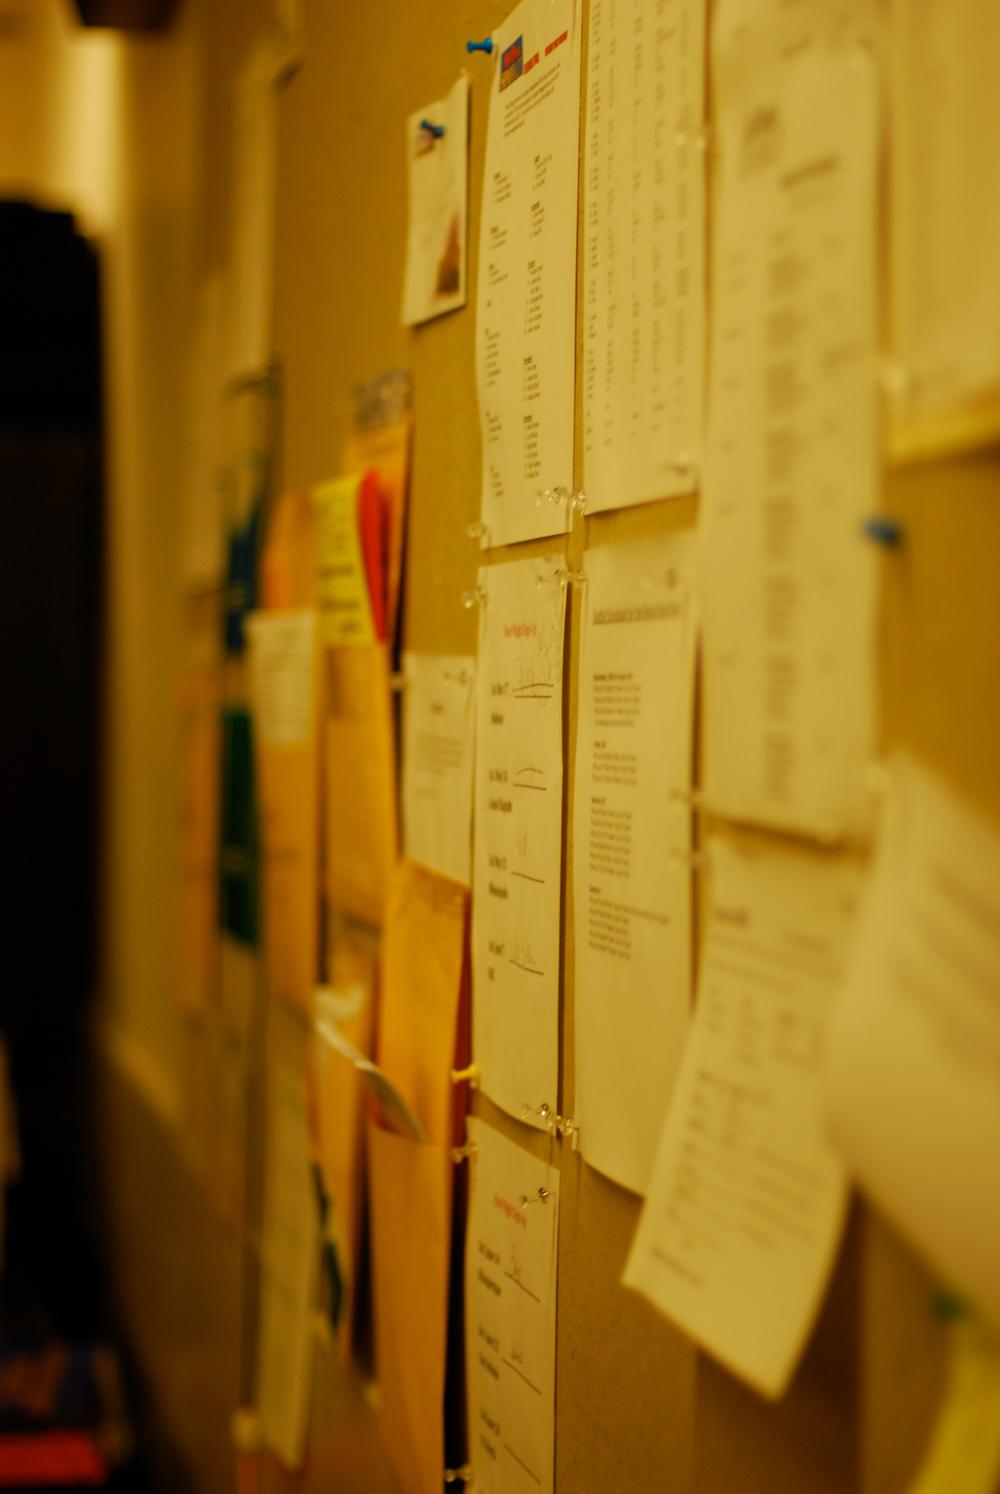 The callboard.